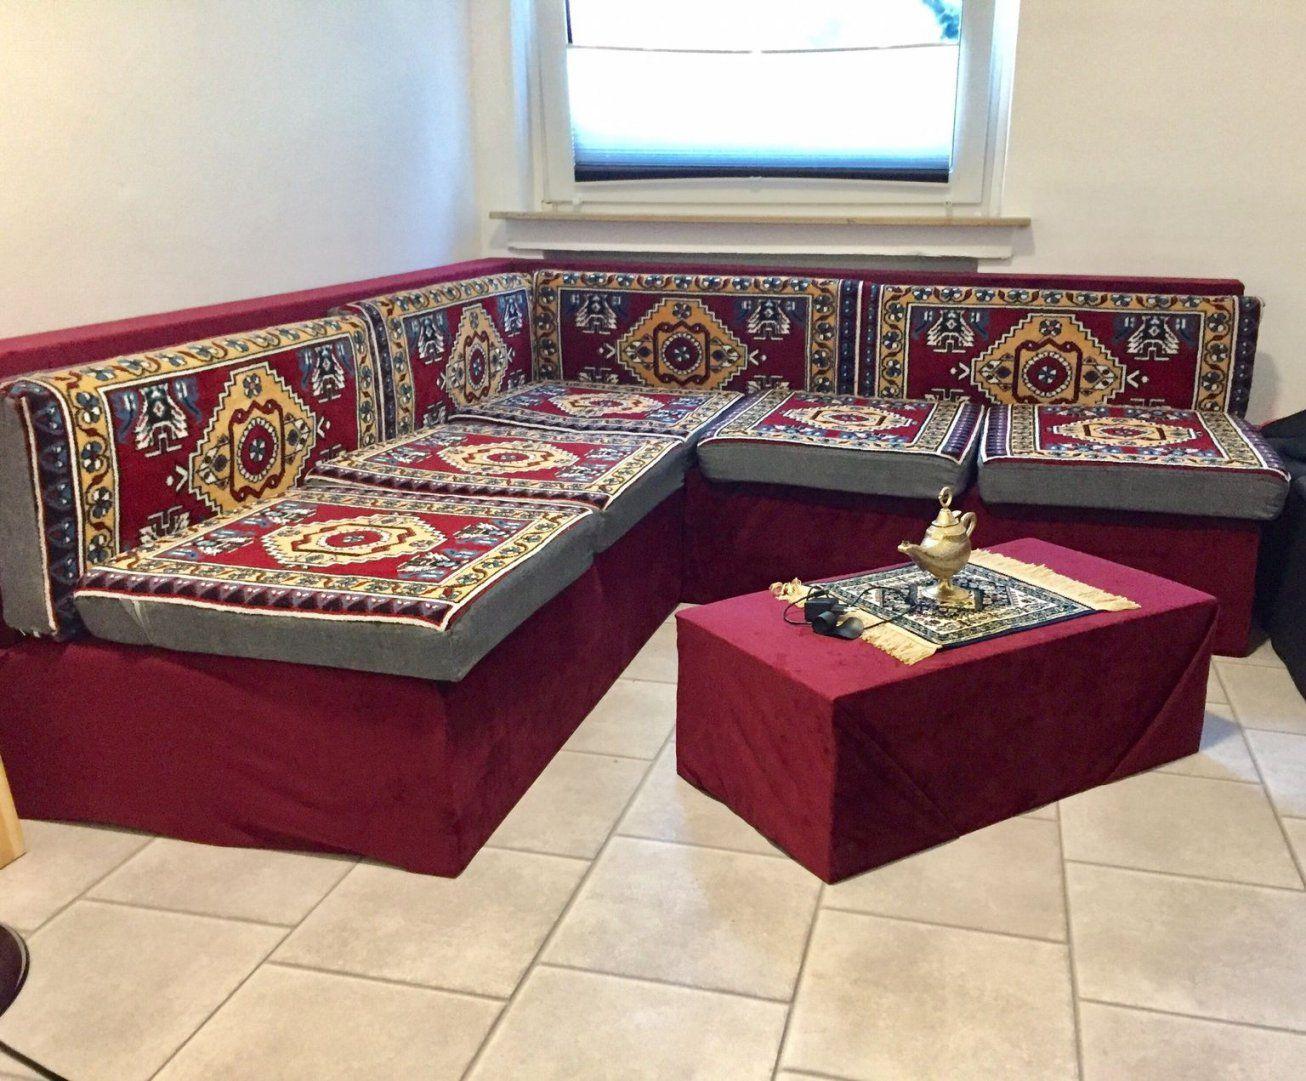 orientalische sitzecke swalif von orientalische sitzecke selber